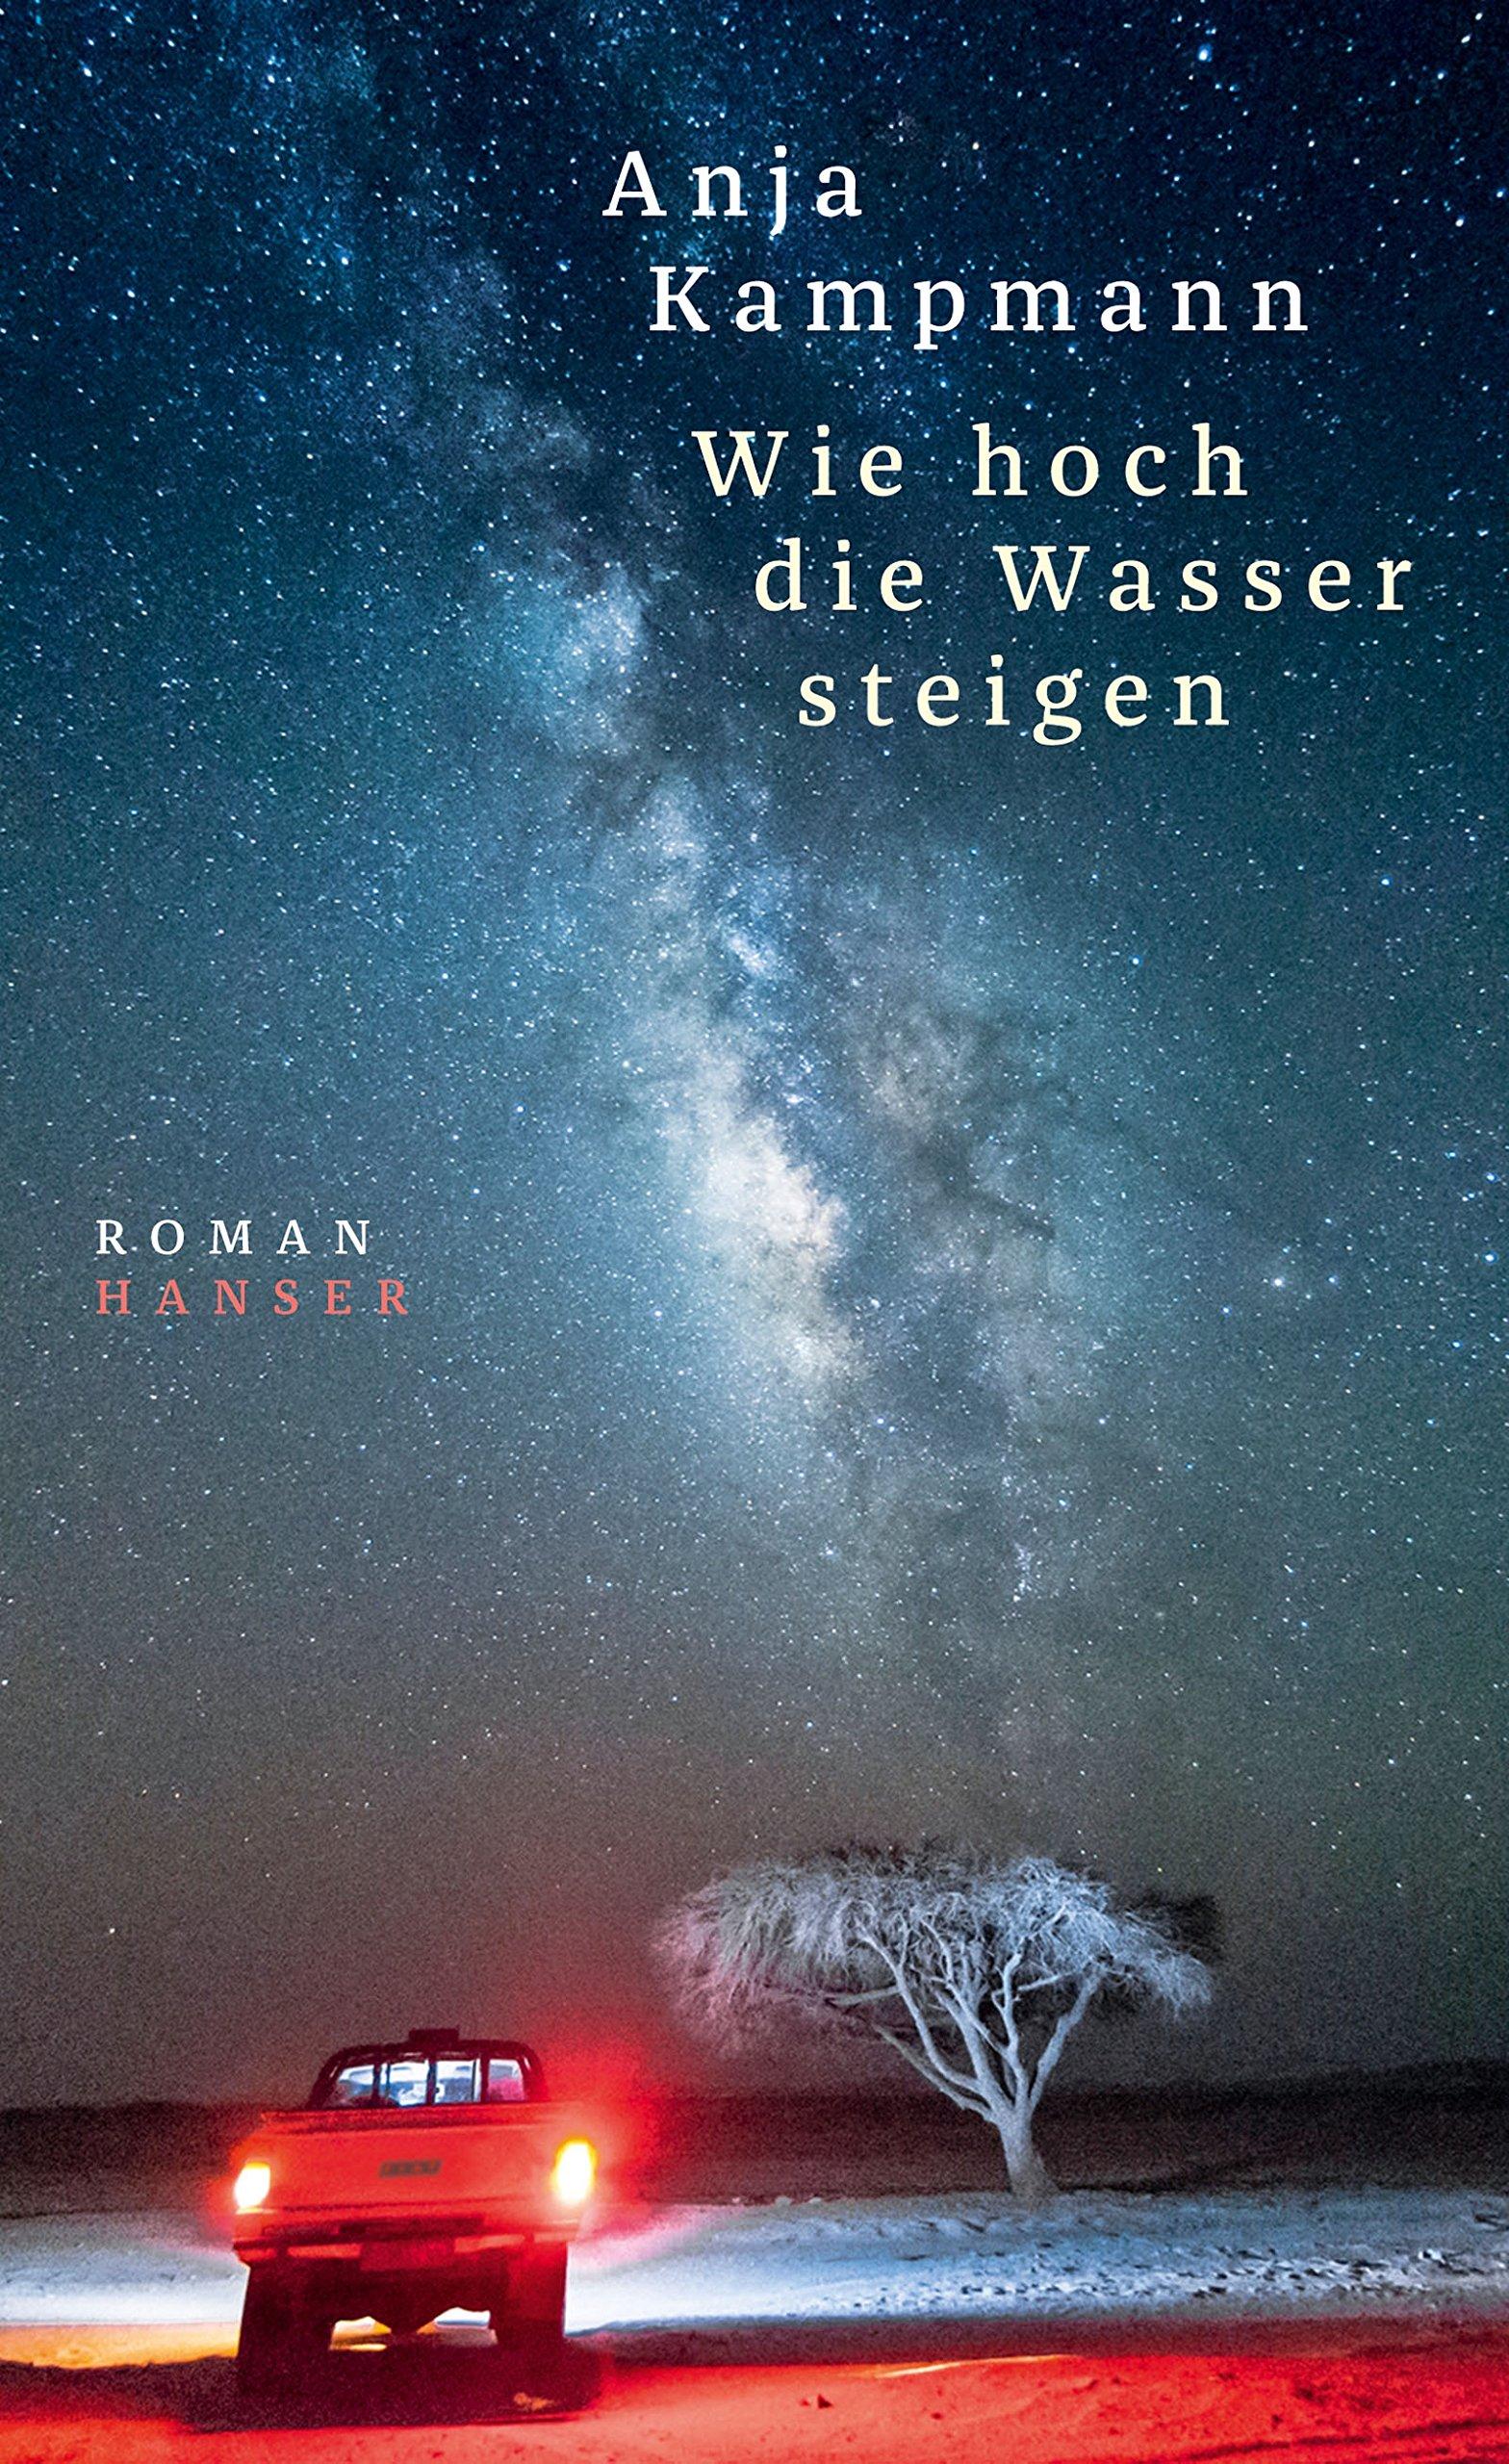 Anja Kampmann  : Wie hoch die Wasser steigen